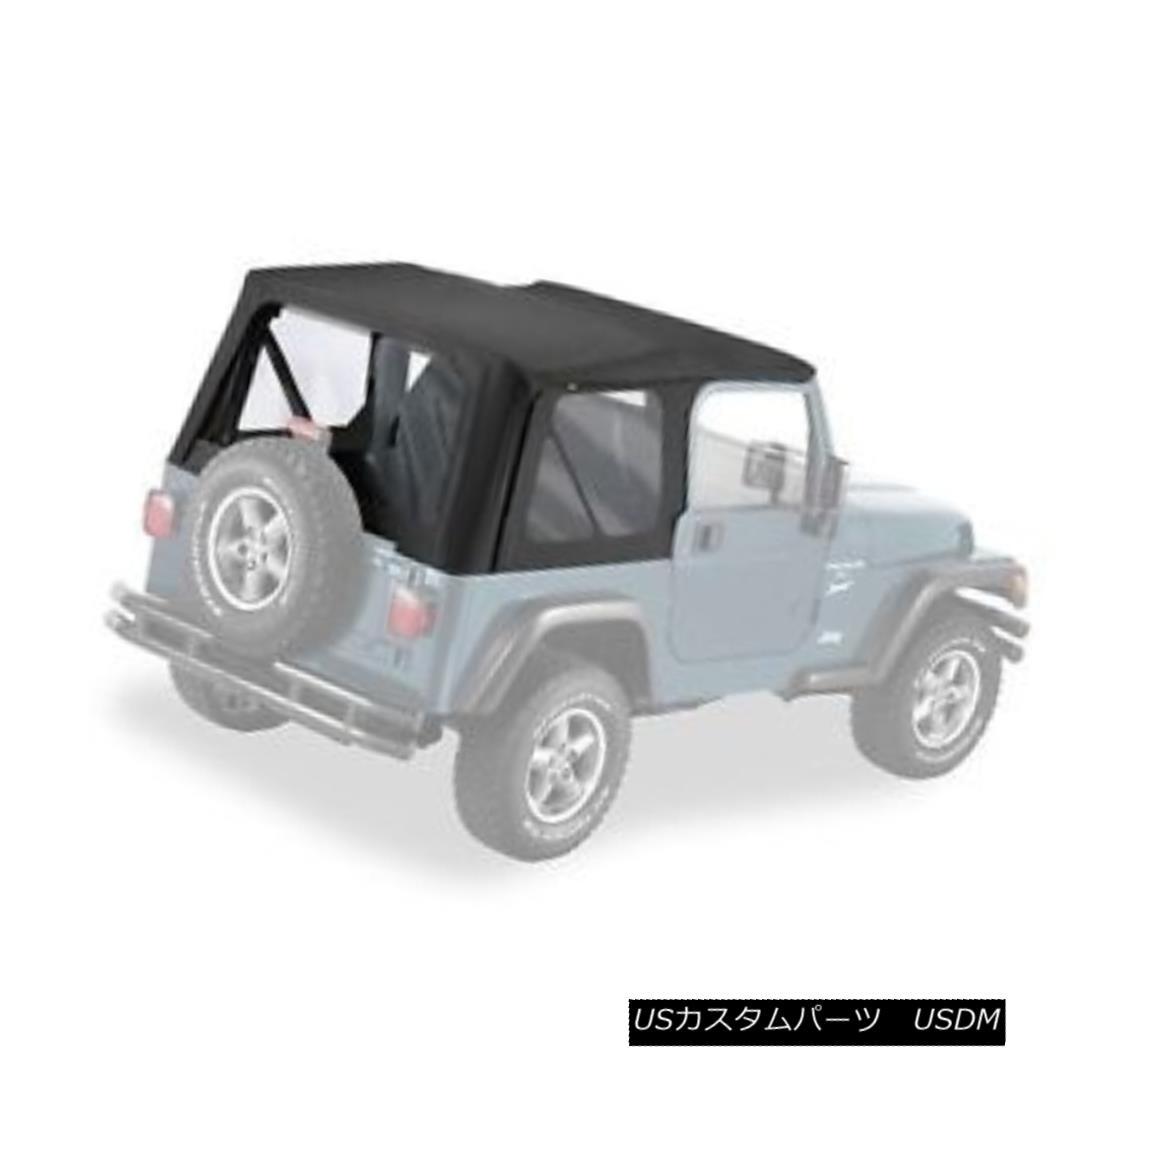 幌・ソフトトップ Pavement Ends Replay Top 97-06 Jeep Wrangler TJ Clear Windows Black Denim 舗装終了リプレイTop 97-06ジープ・ラングラーTJクリア・ウィンドウ・ブラック・デニム